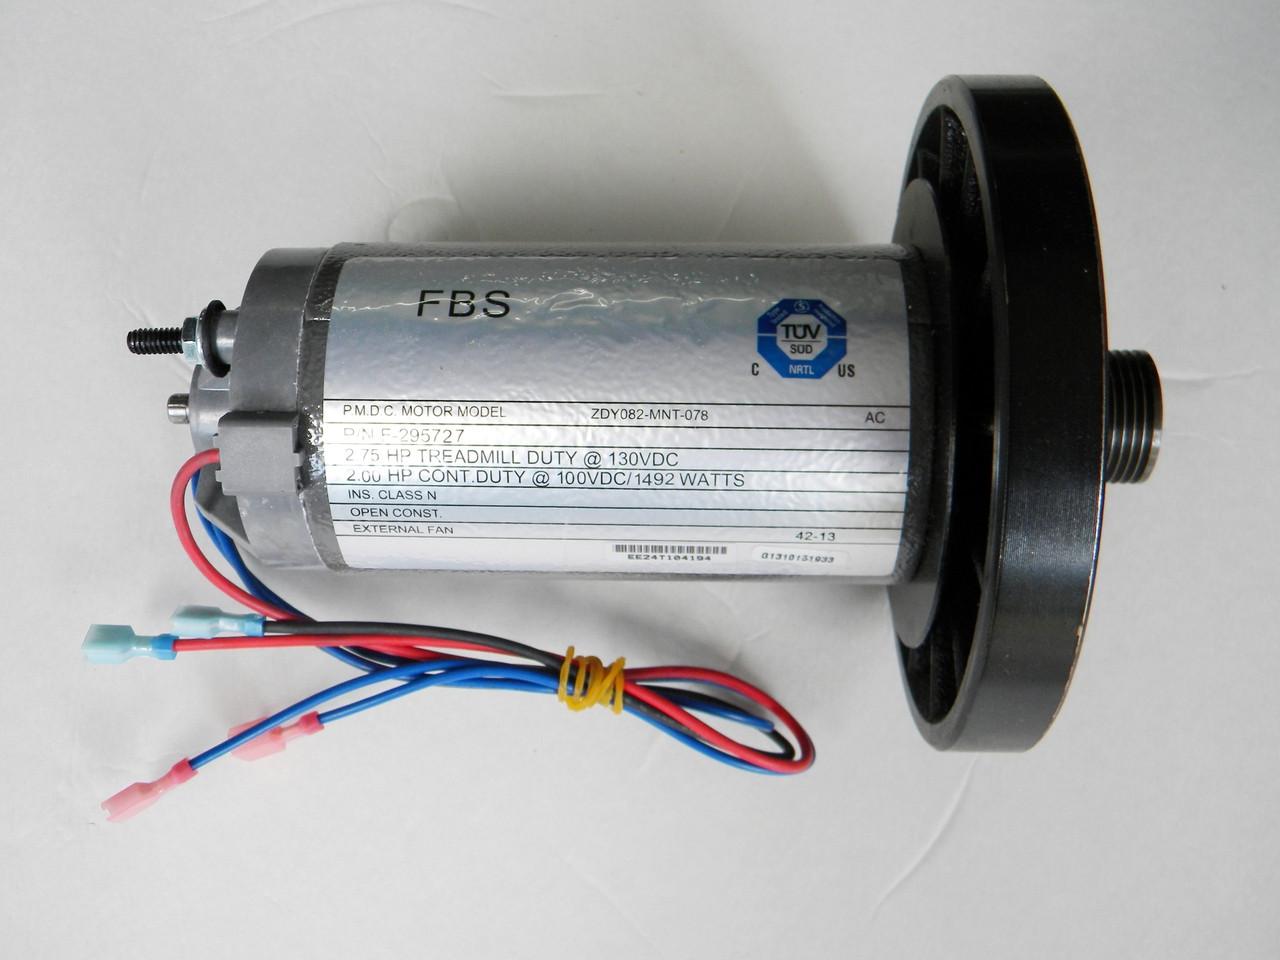 Treadmill motor hp part number 295727 for Treadmill 2 5 hp motor